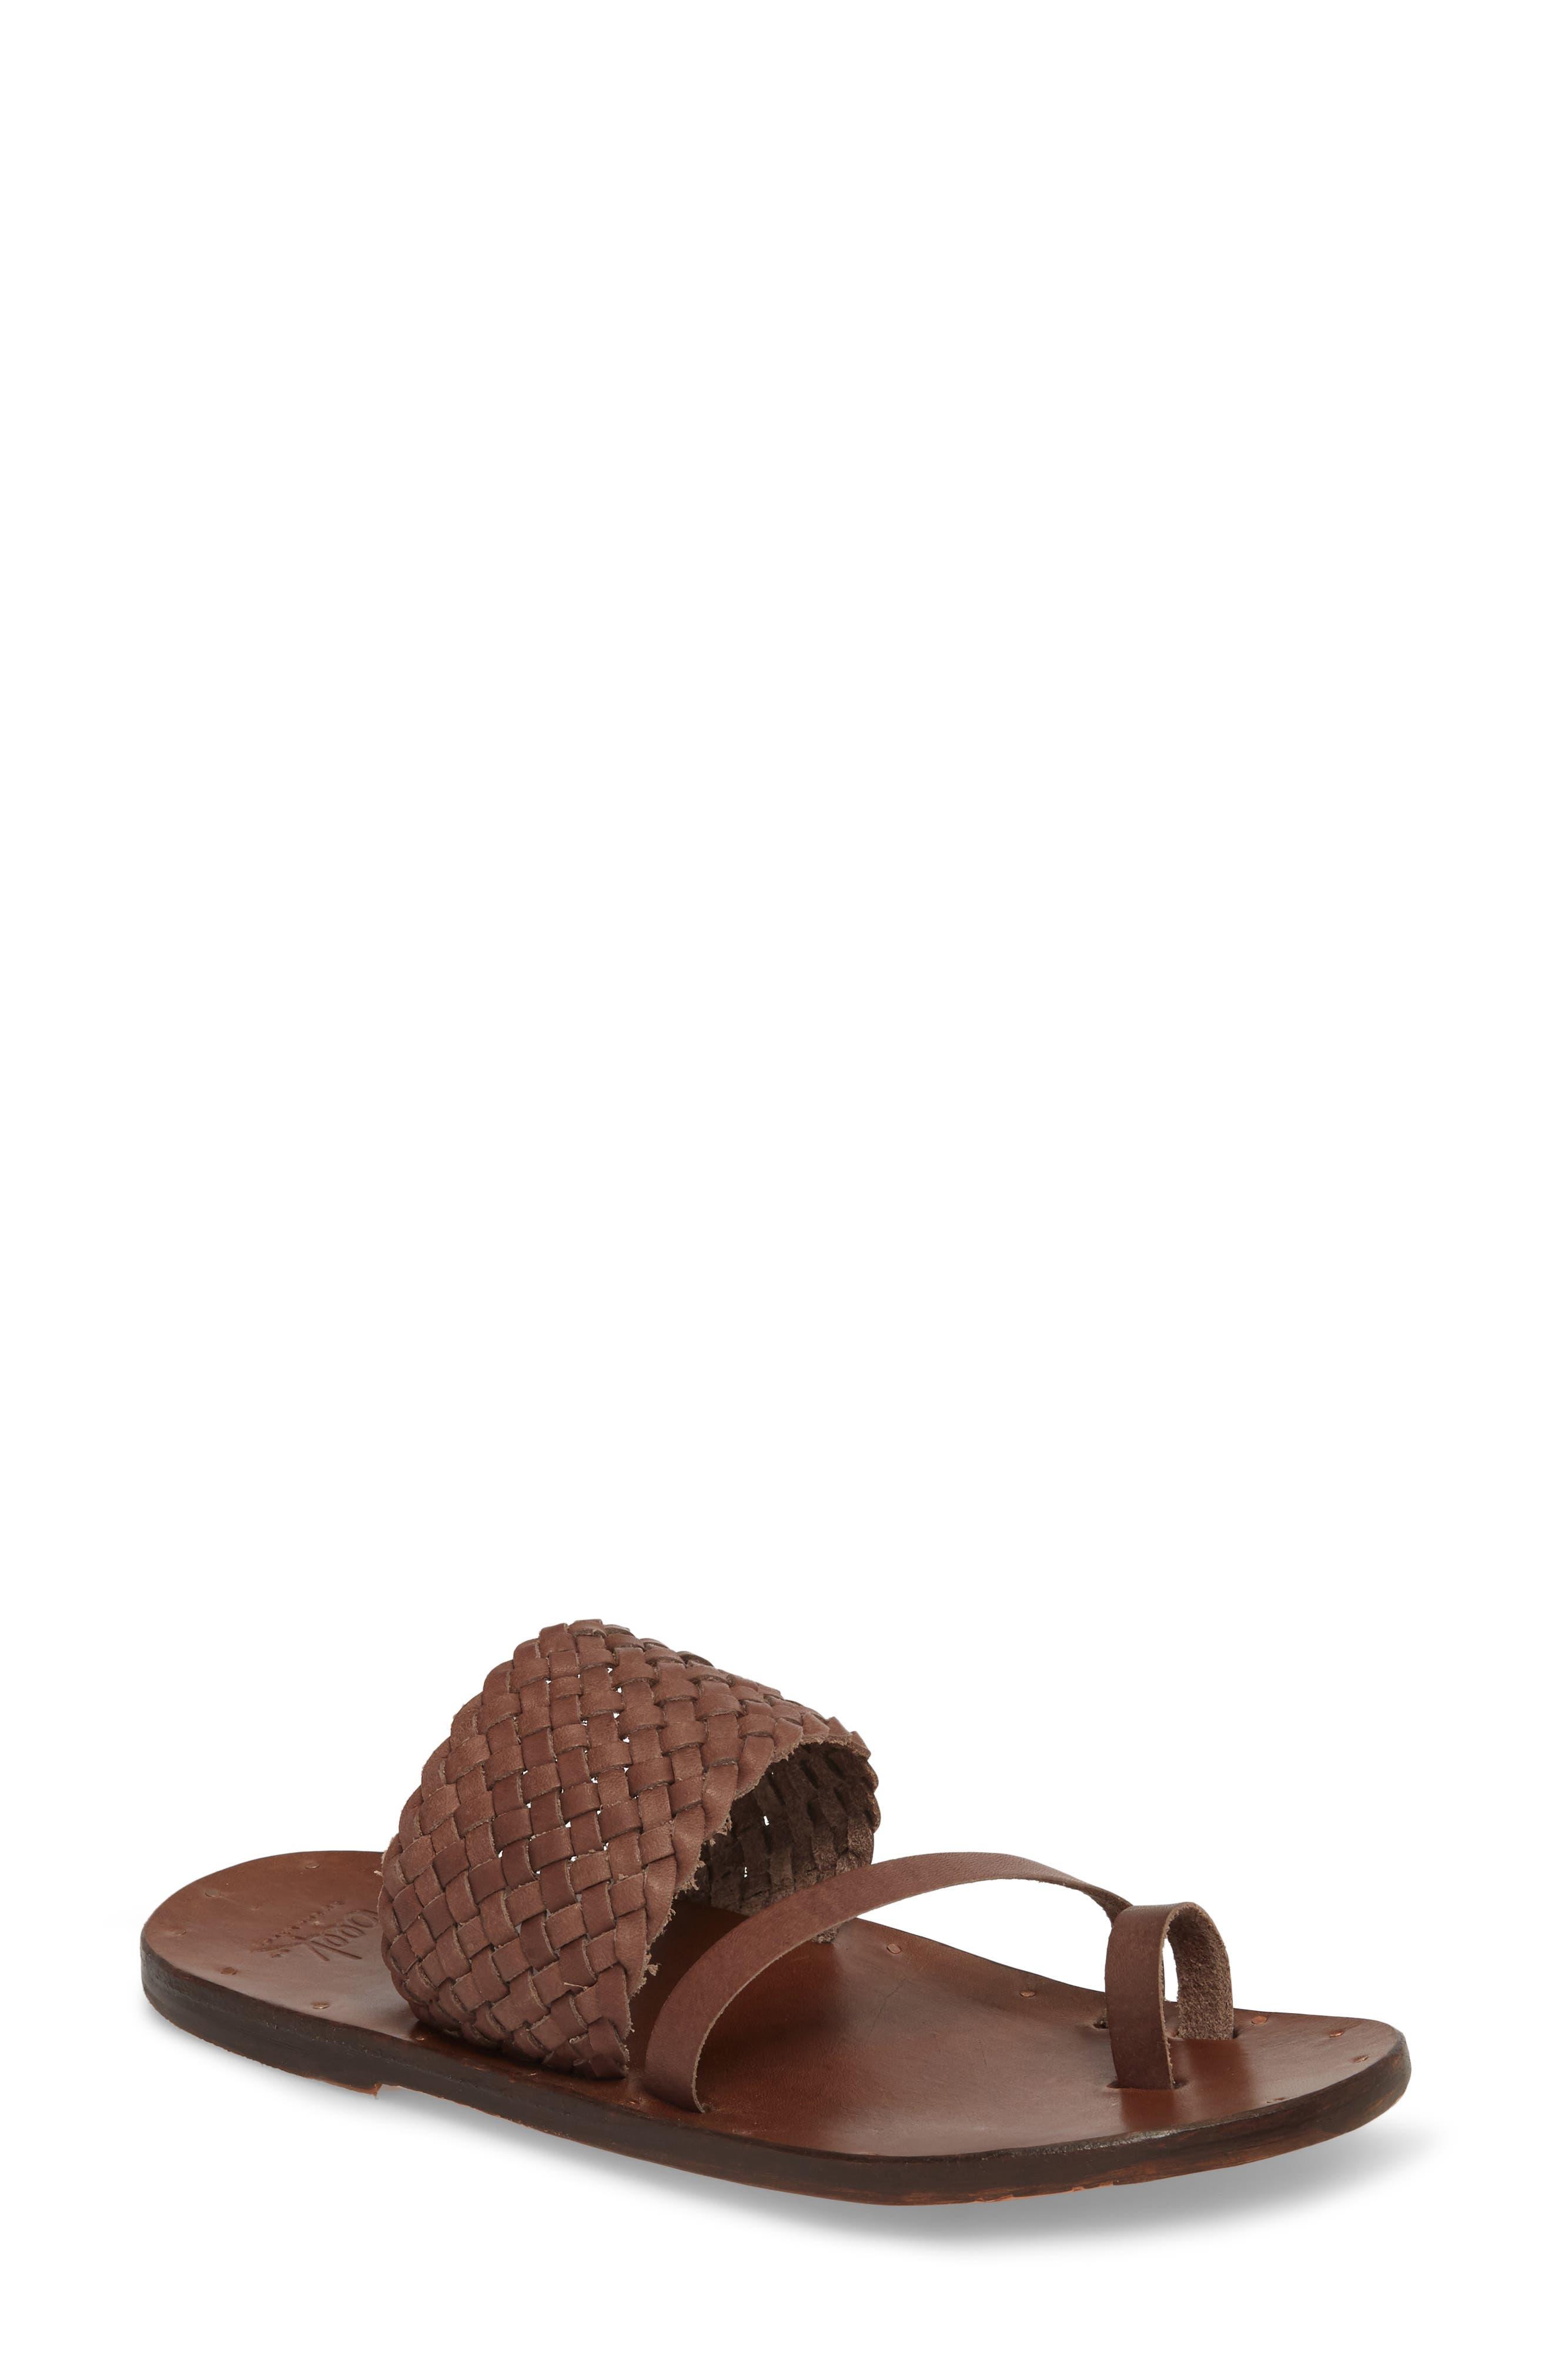 BEEK Women's Cockatiel Woven Slide Sandal